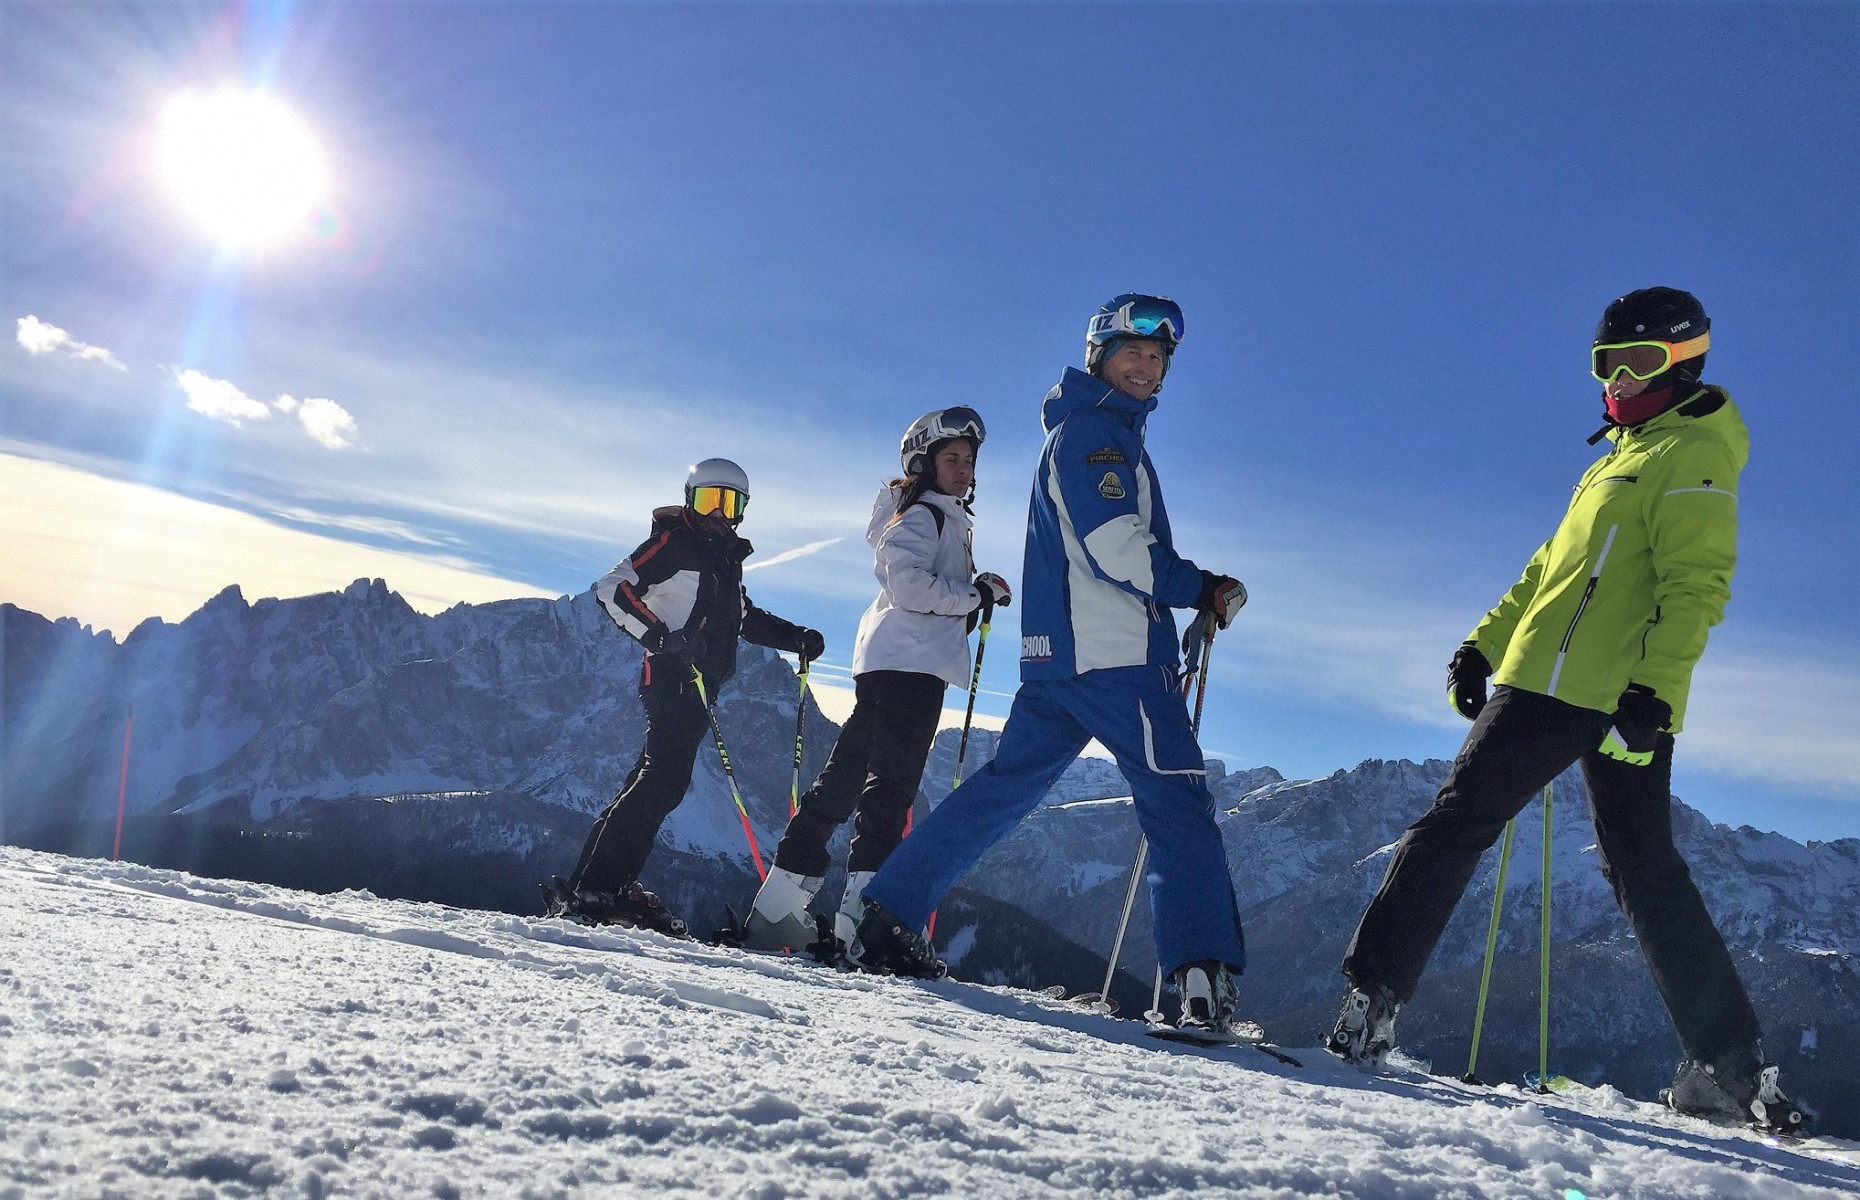 Corso di sci a Dobbiaco nel weekend – 3 lezioni private per tutti i livelli